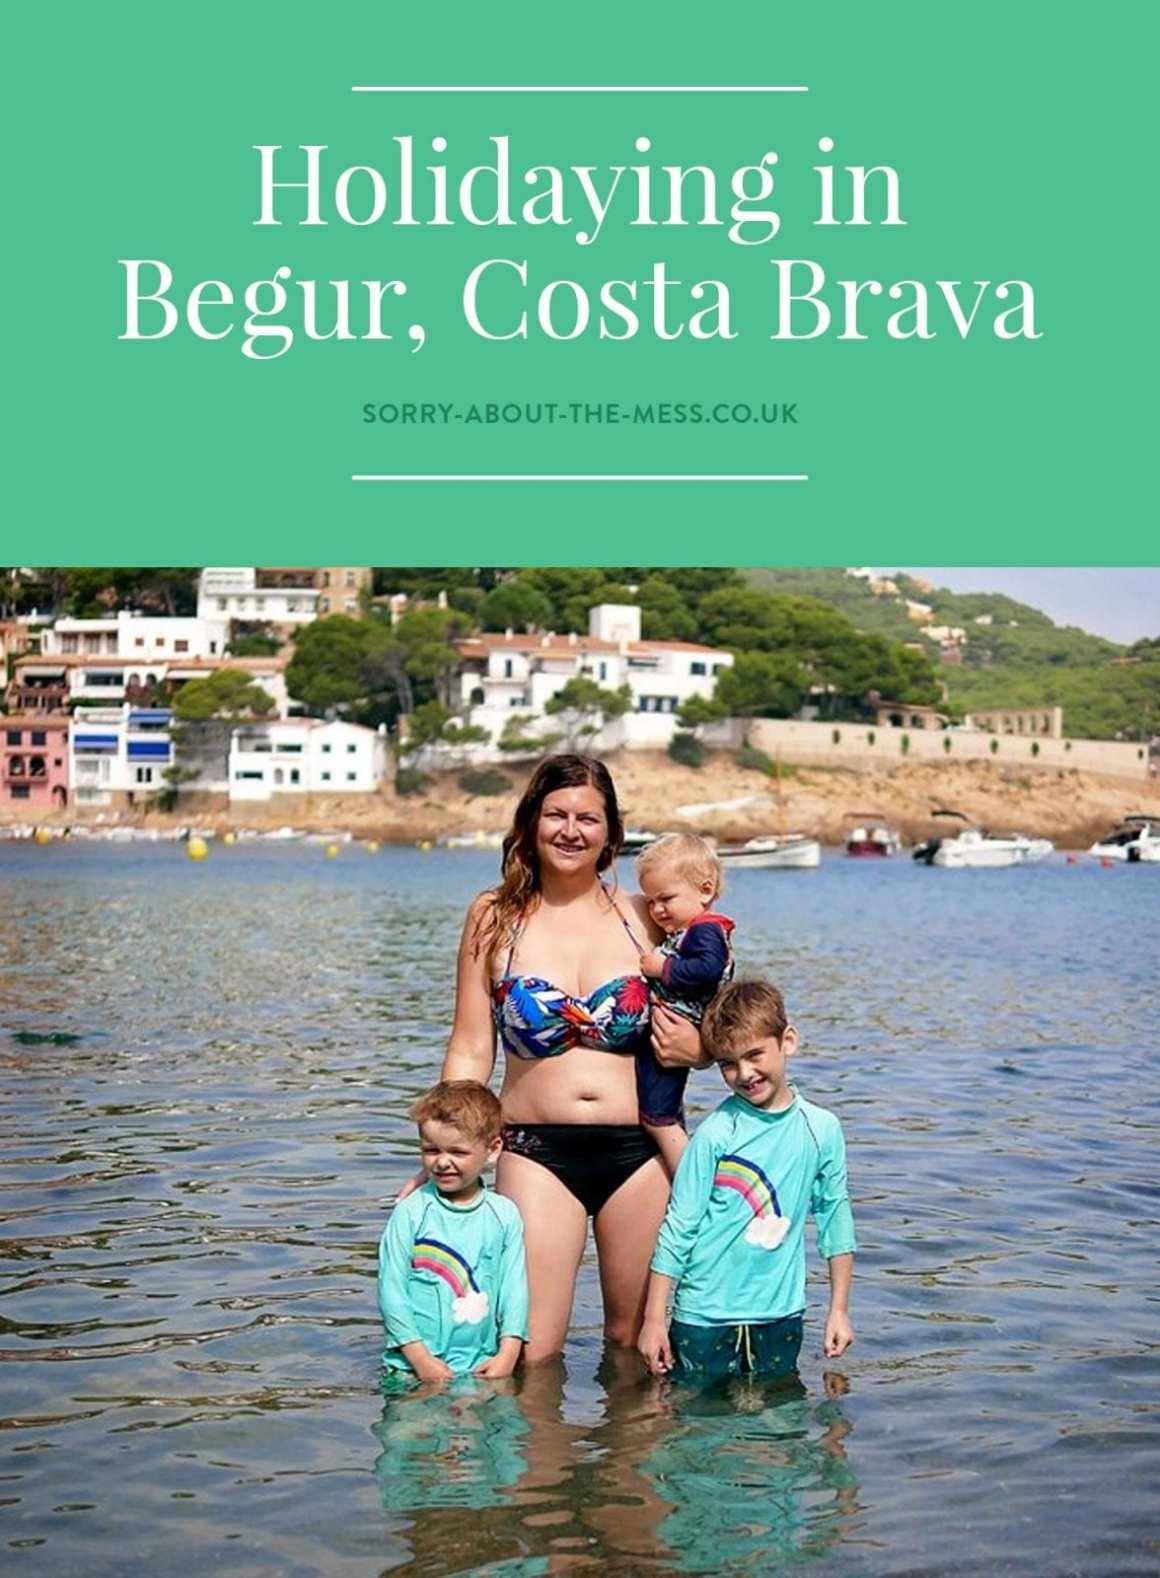 Holiday in Begur, Costa Brava